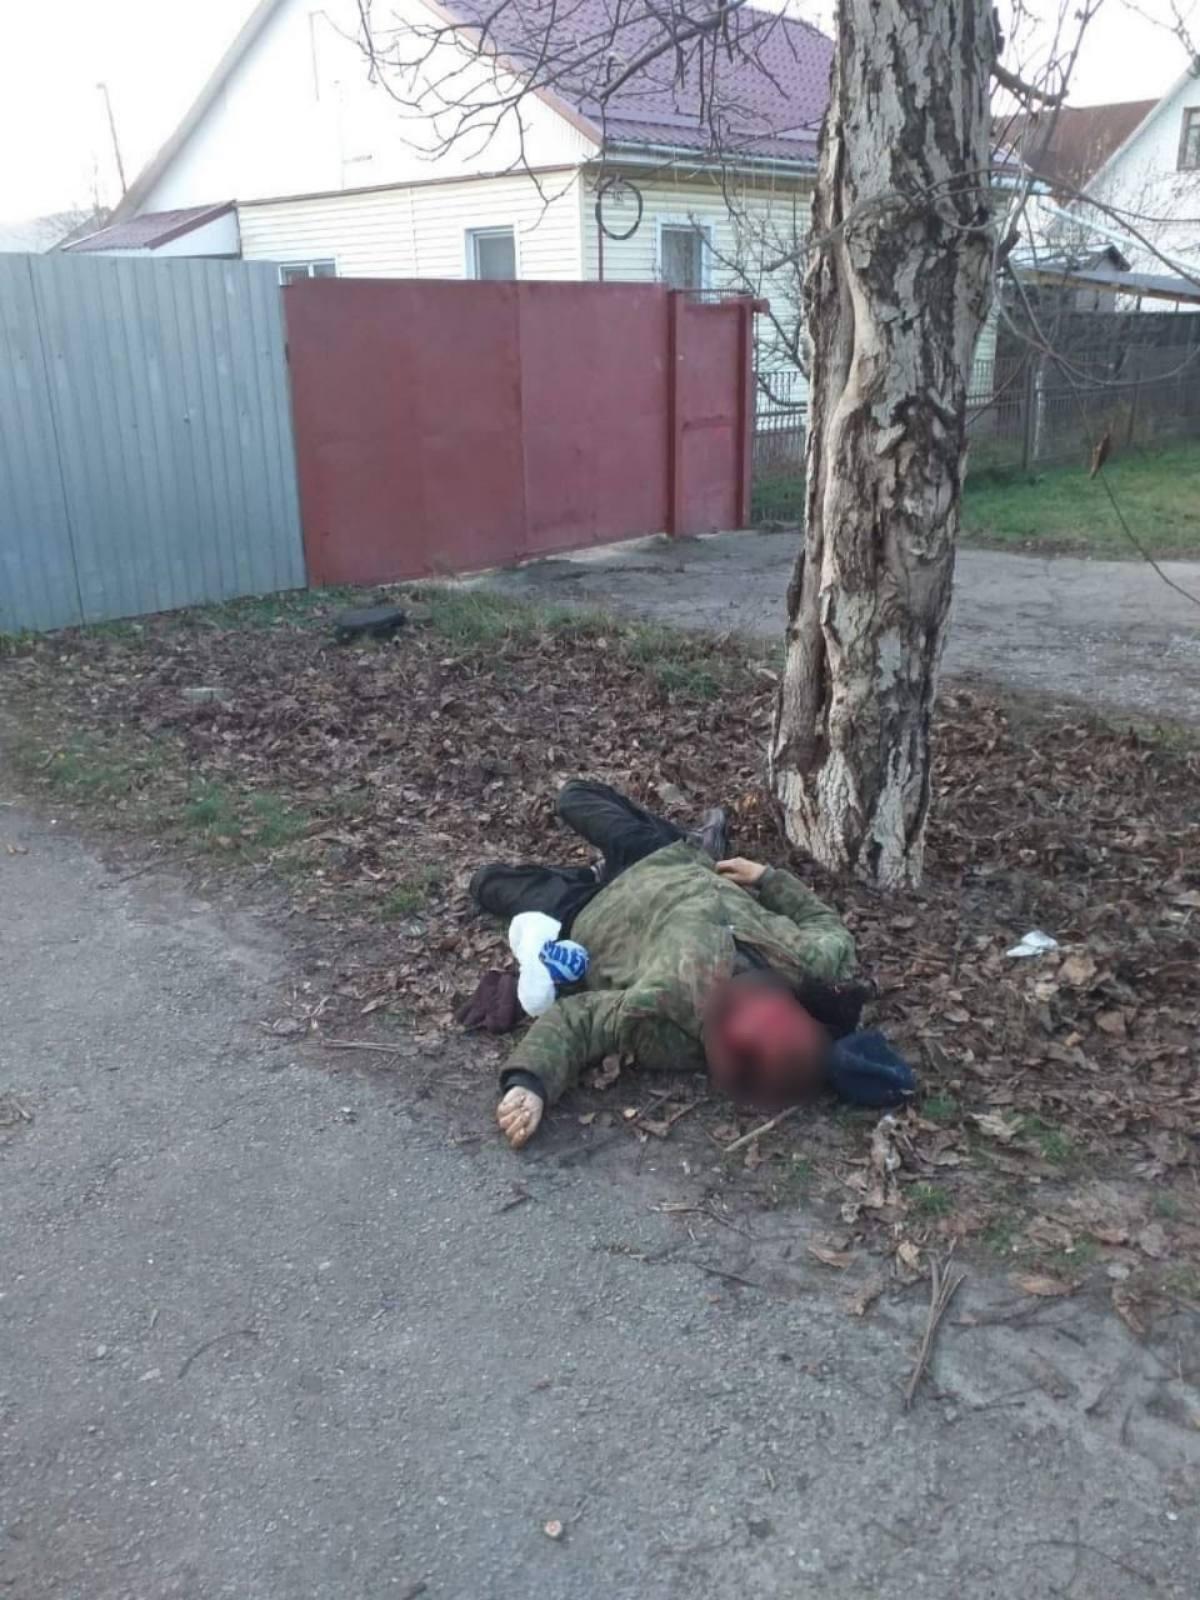 У Броварах виявили тіло загиблого через ДТП: винуватця розшукують -  - yzobrazhenye viber 2019 11 25 09 58 09